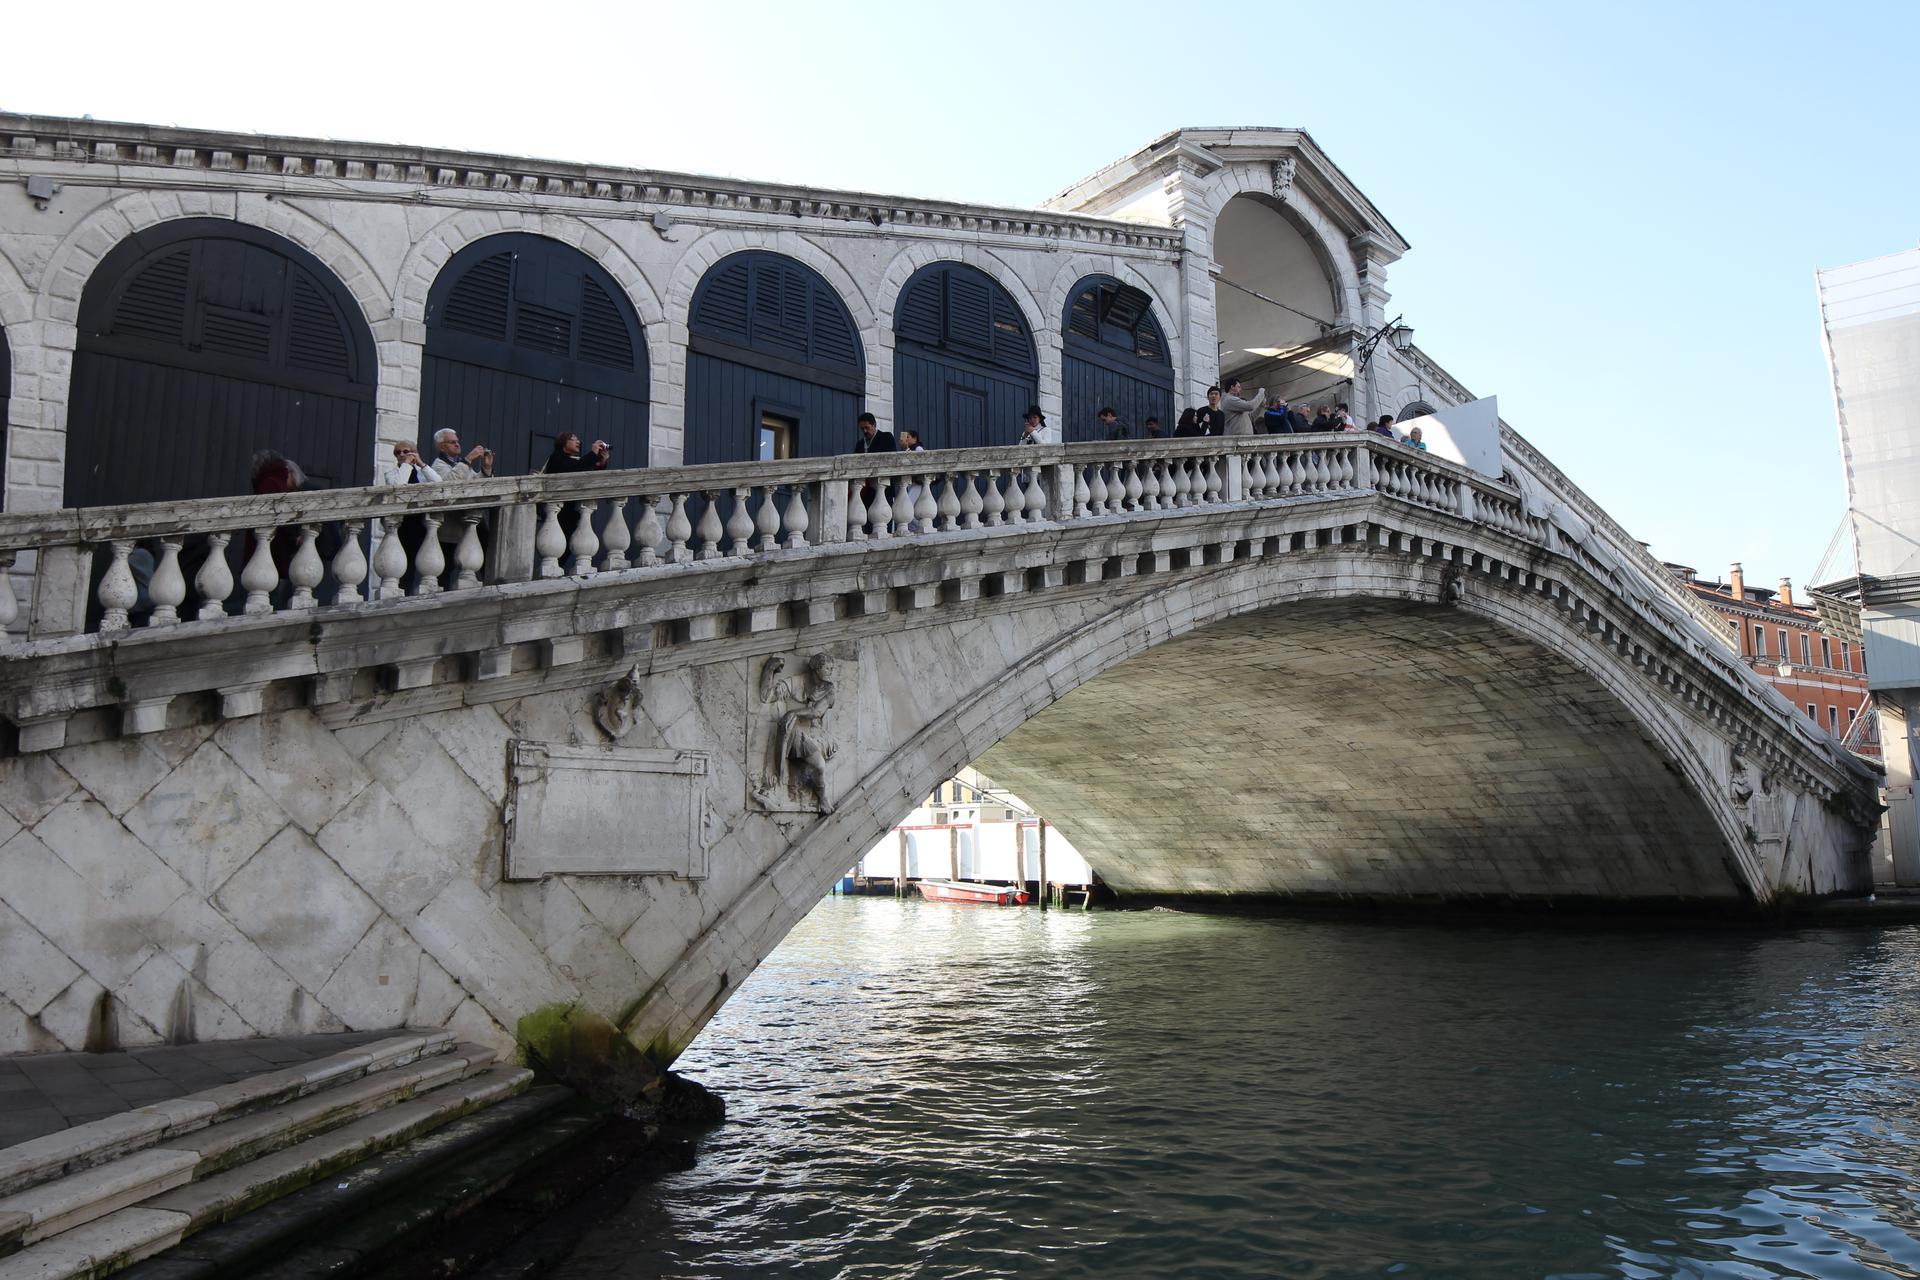 Rinforzo strutturale Sika Ponte di Rialto Venezia